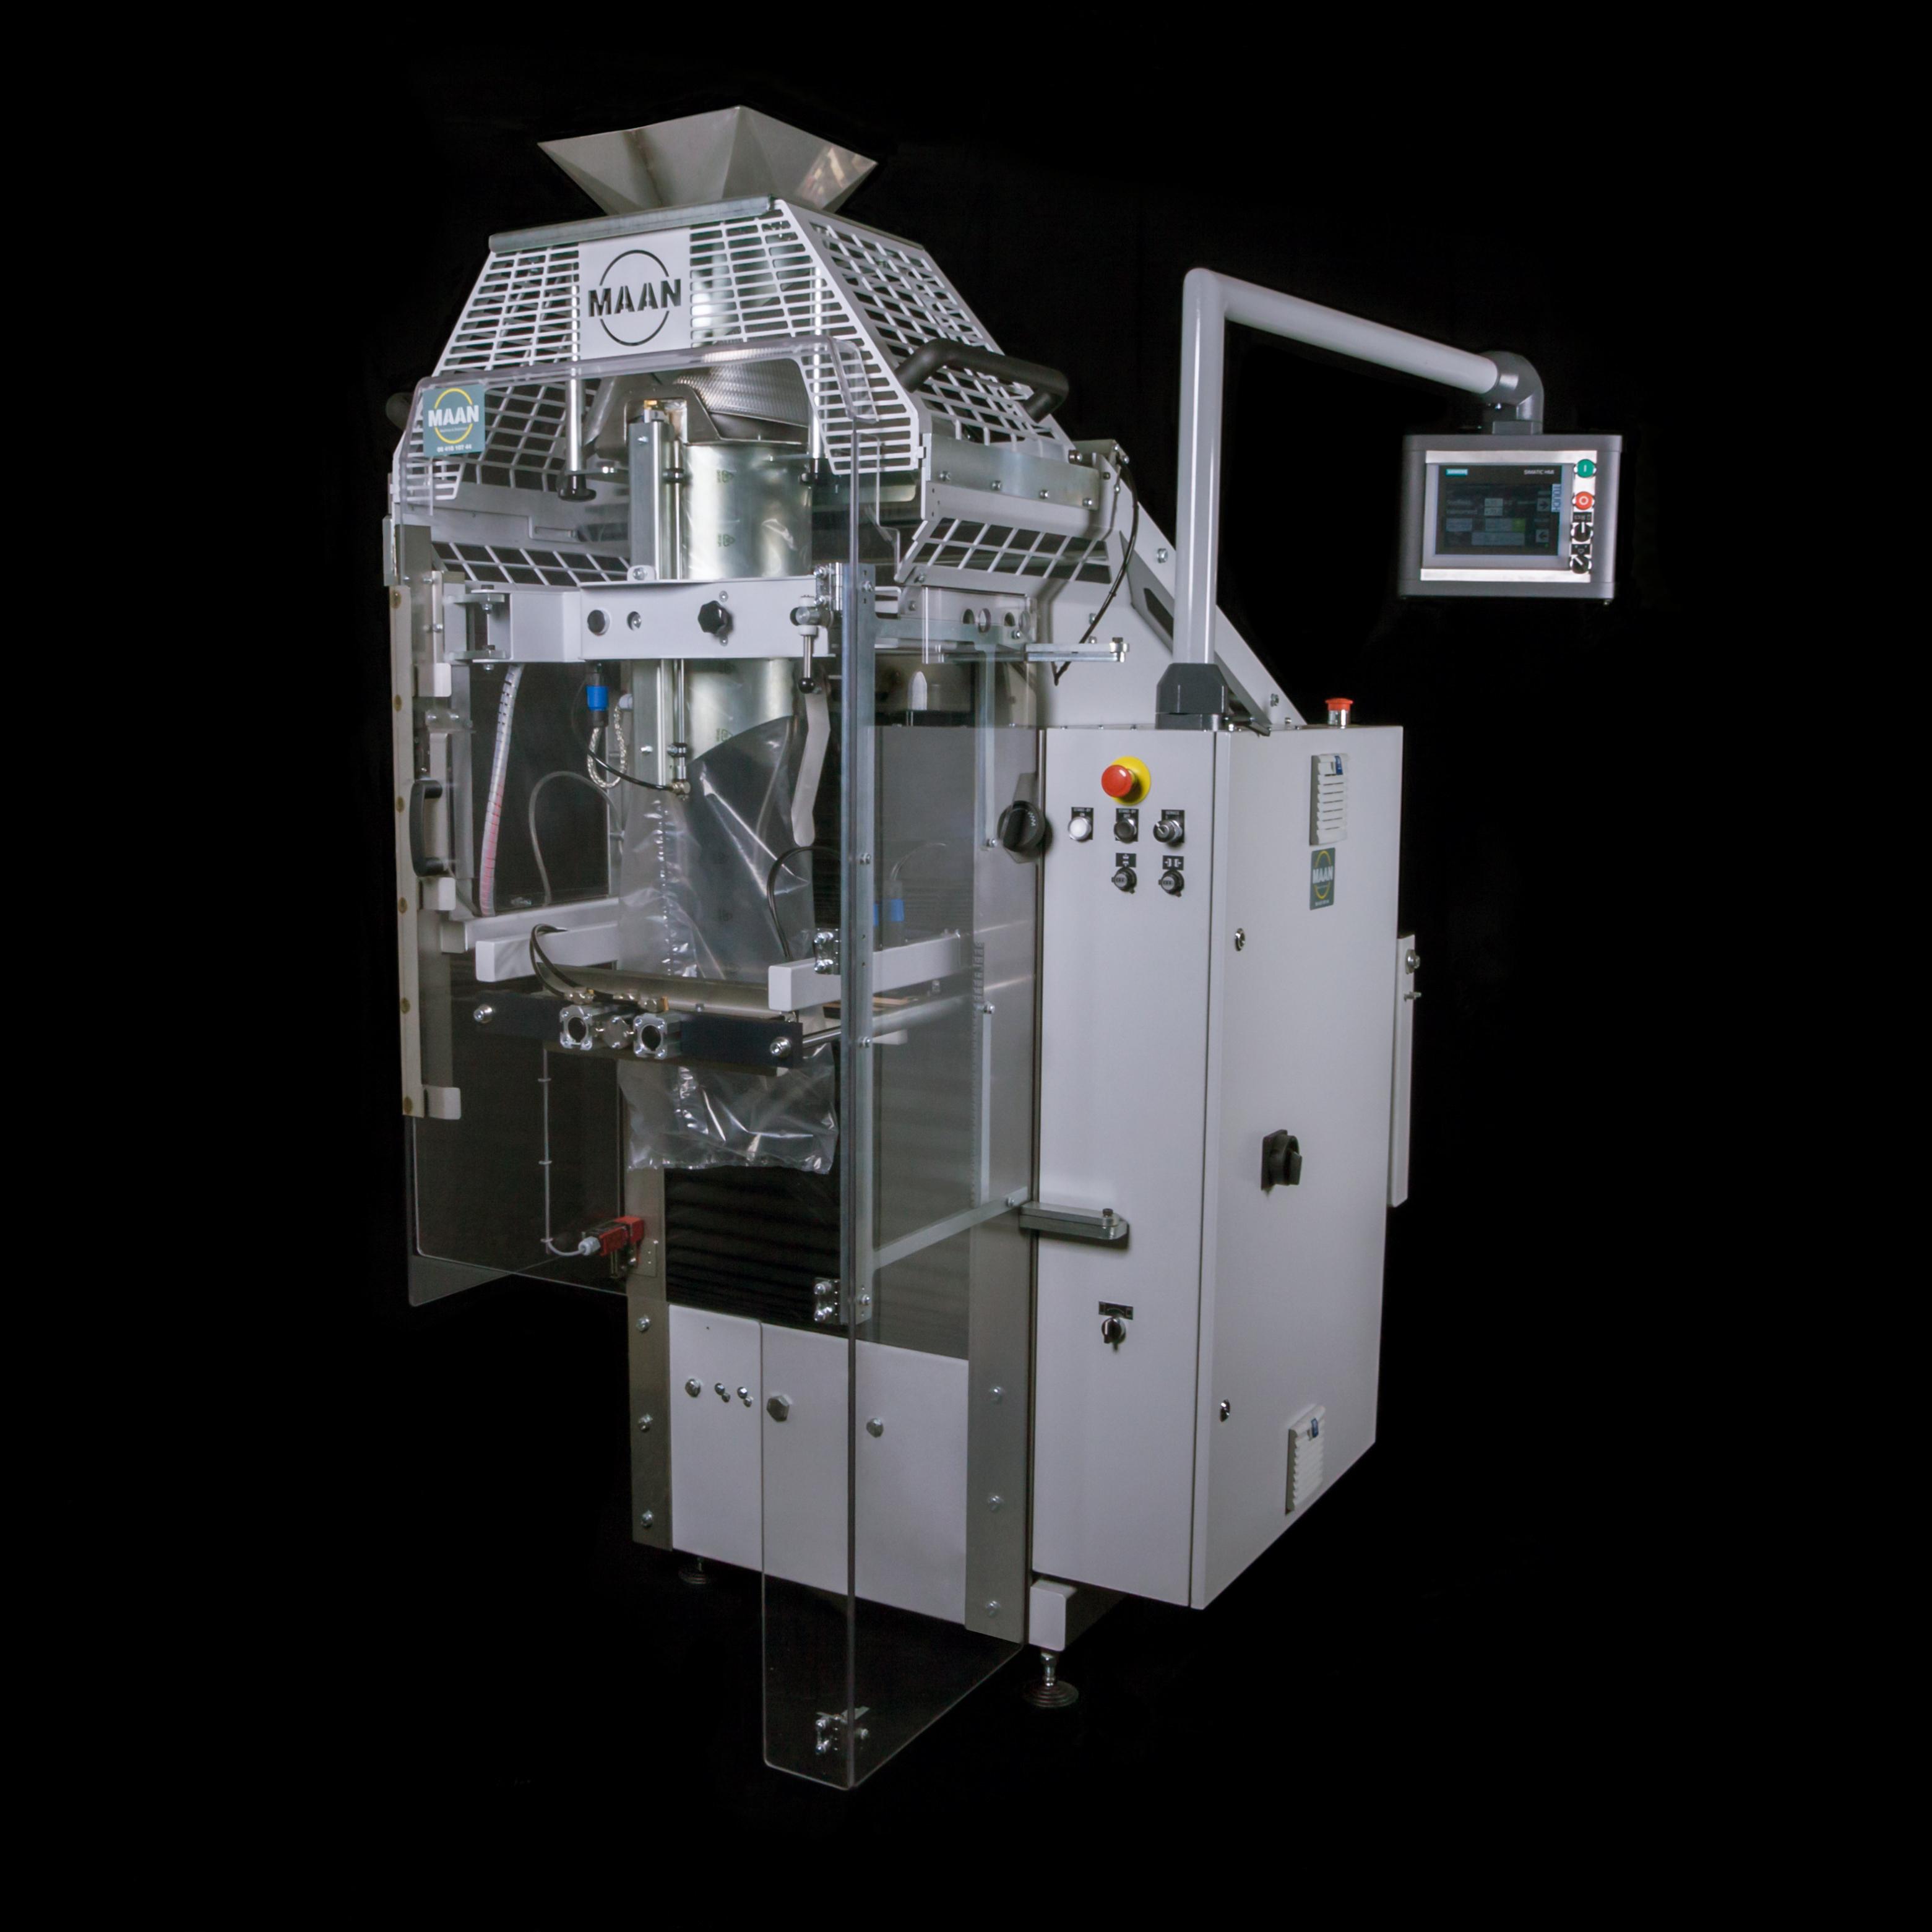 Maan Machine 2.0